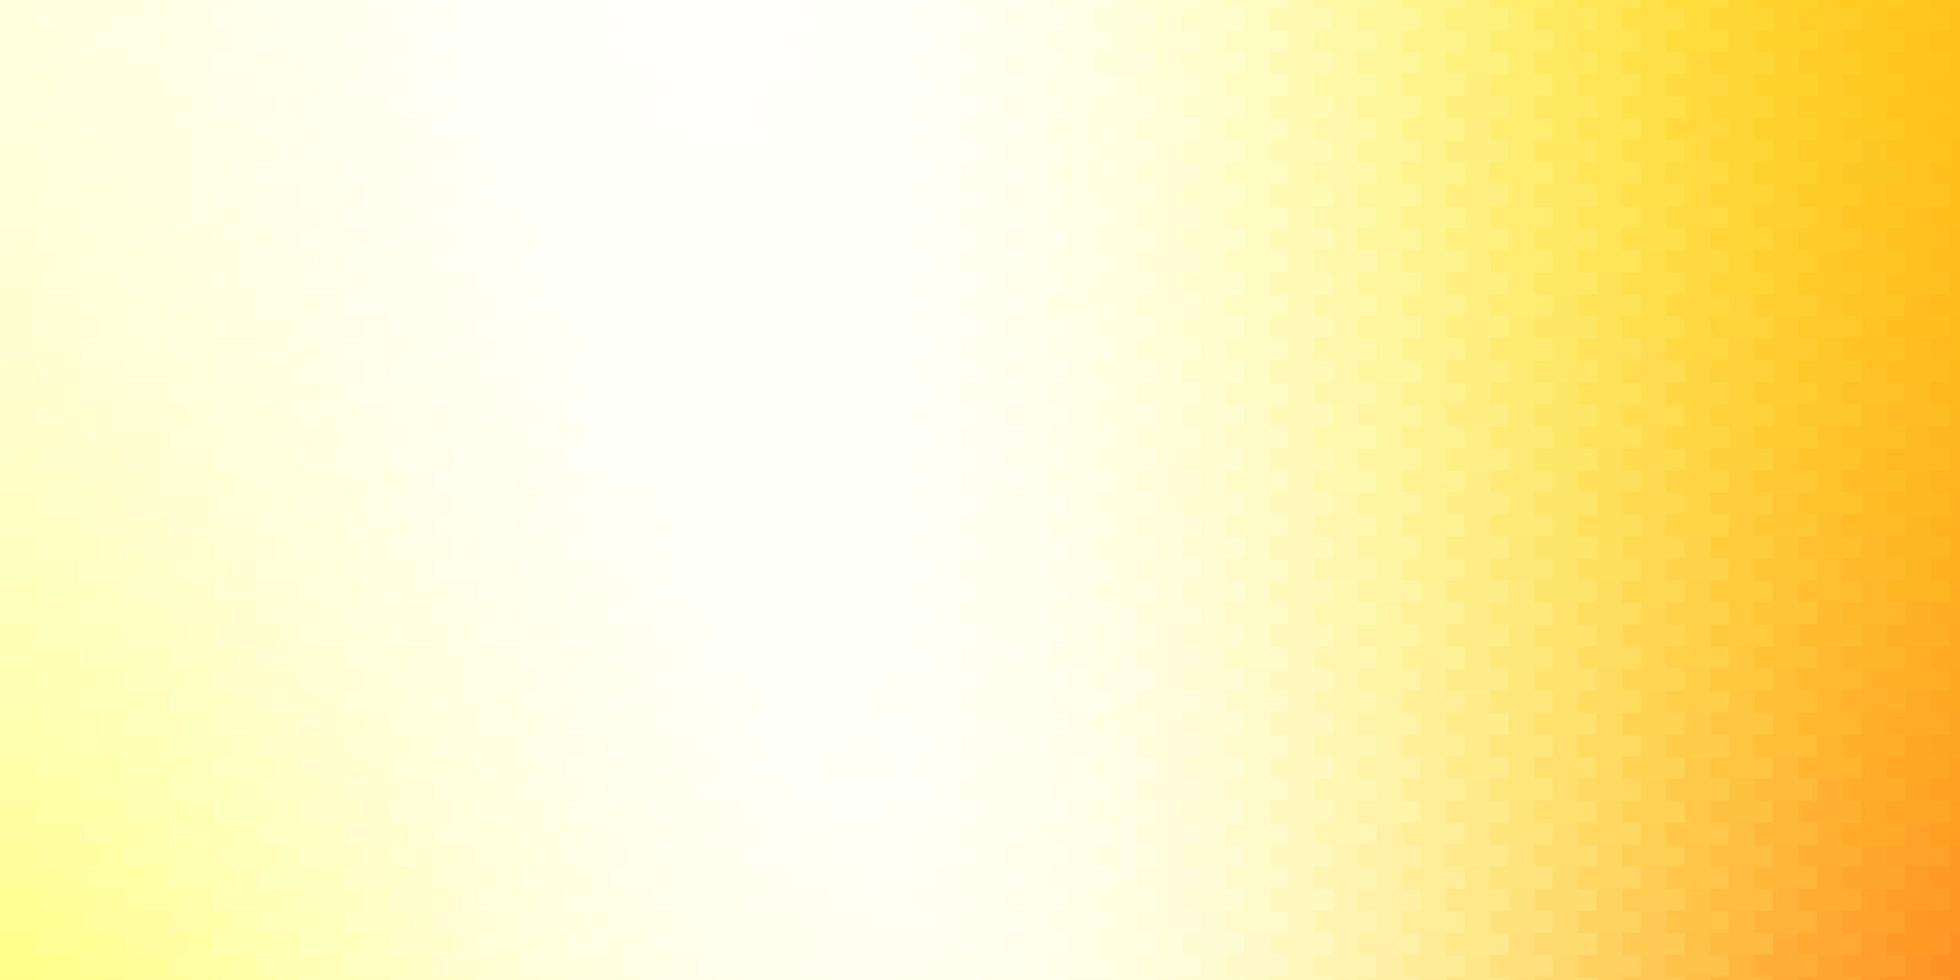 hellroter, gelber Vektorhintergrund mit Rechtecken. vektor